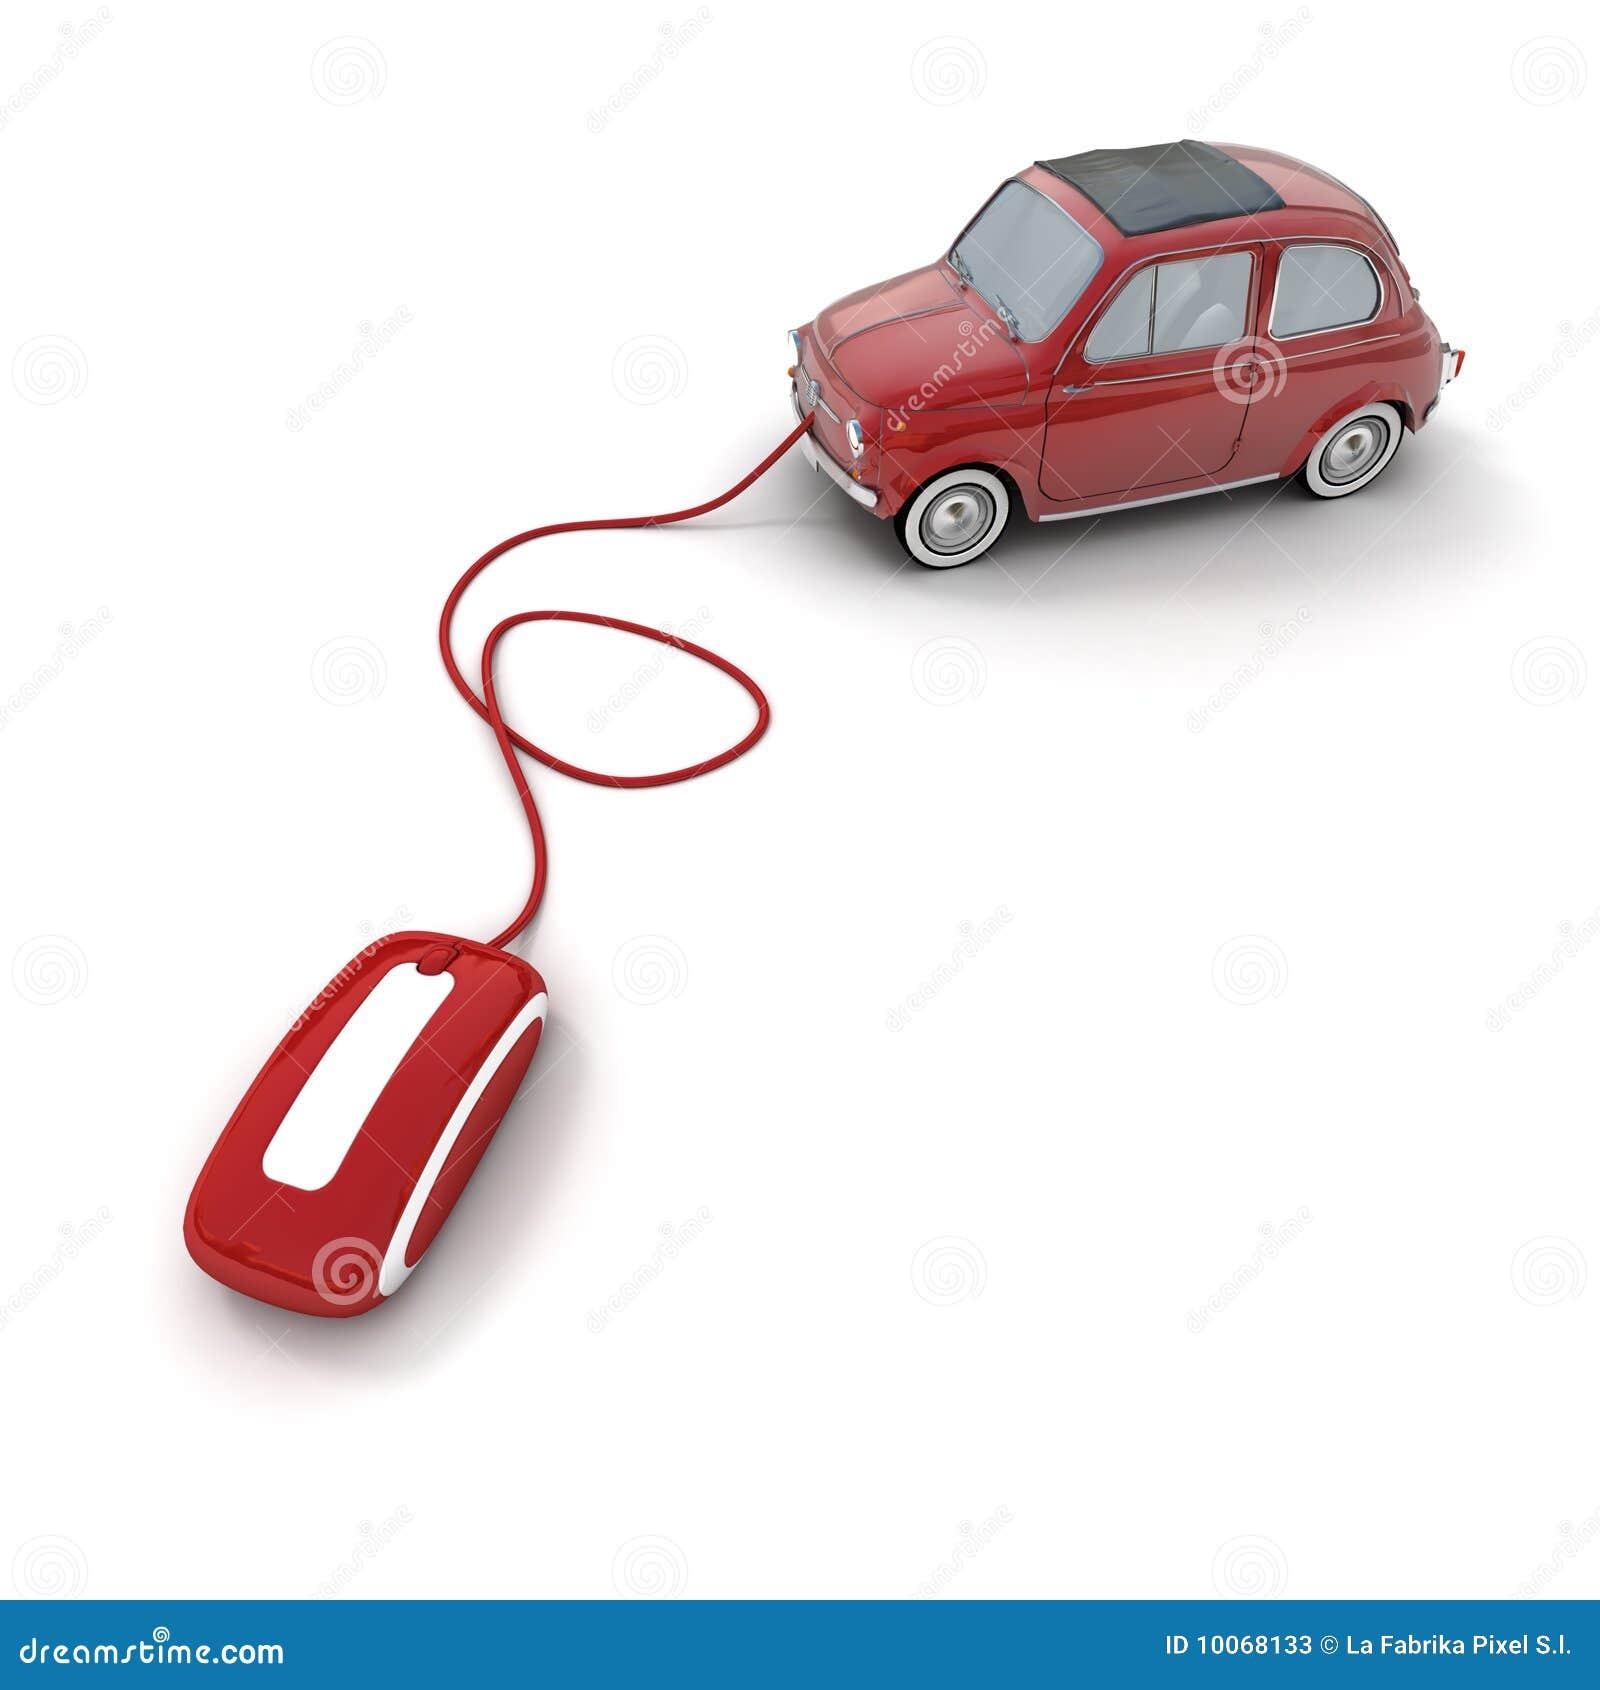 Concessionário automóvel em linha